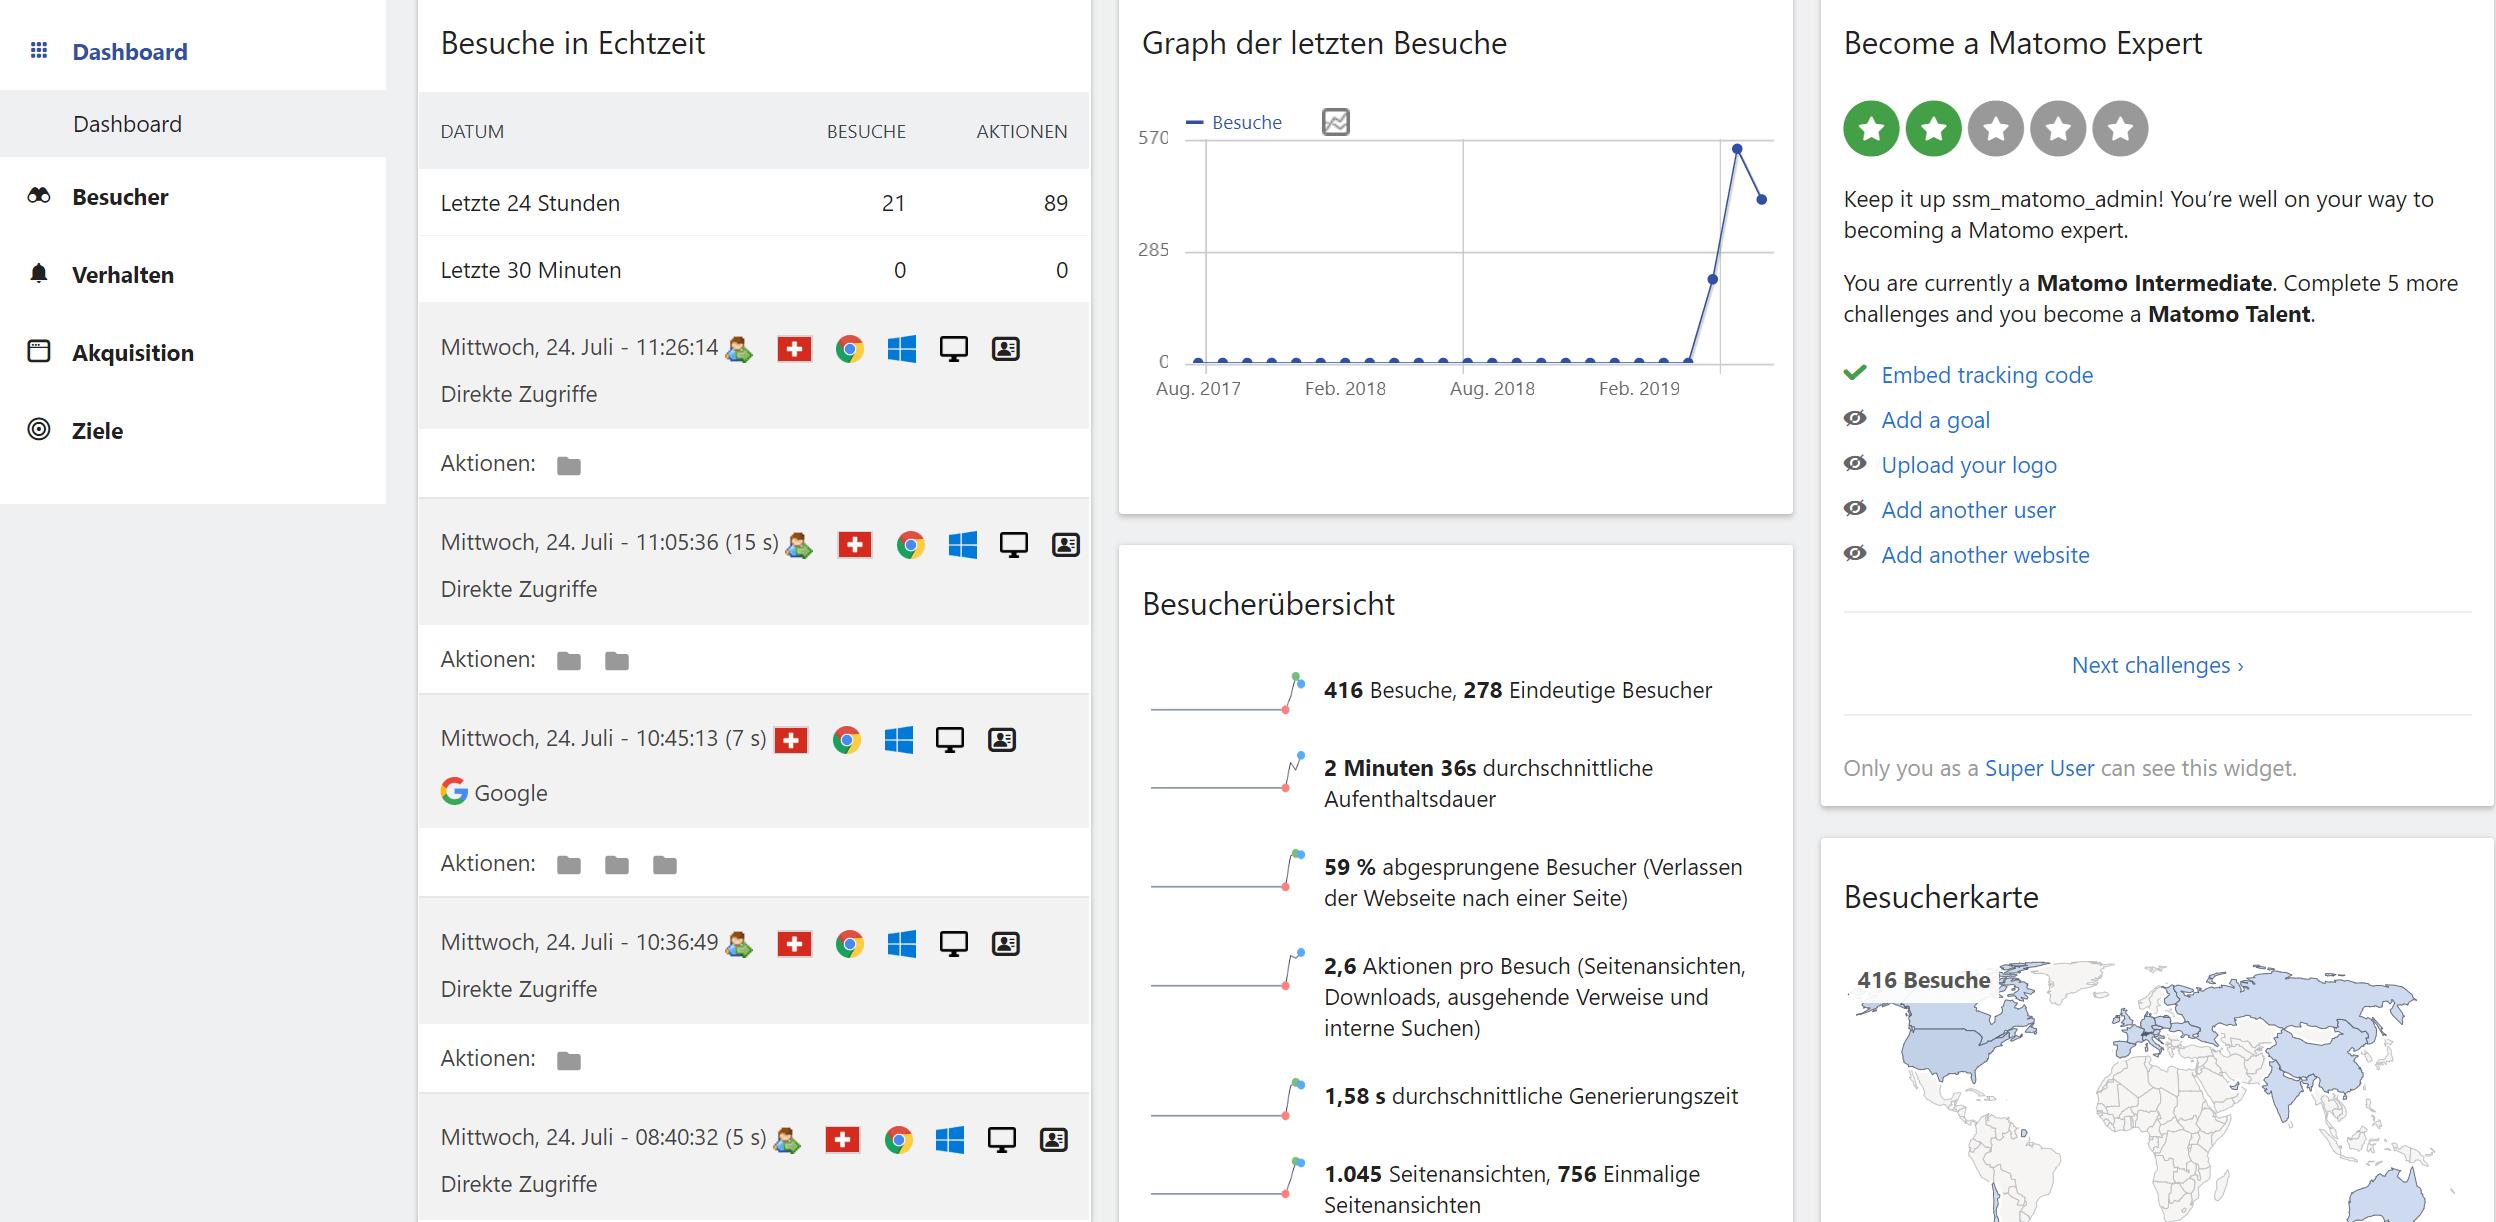 Matomo, die Alternative zu Google Analytics - Dashboard - Übersicht über die wichtigsten Ereignisse